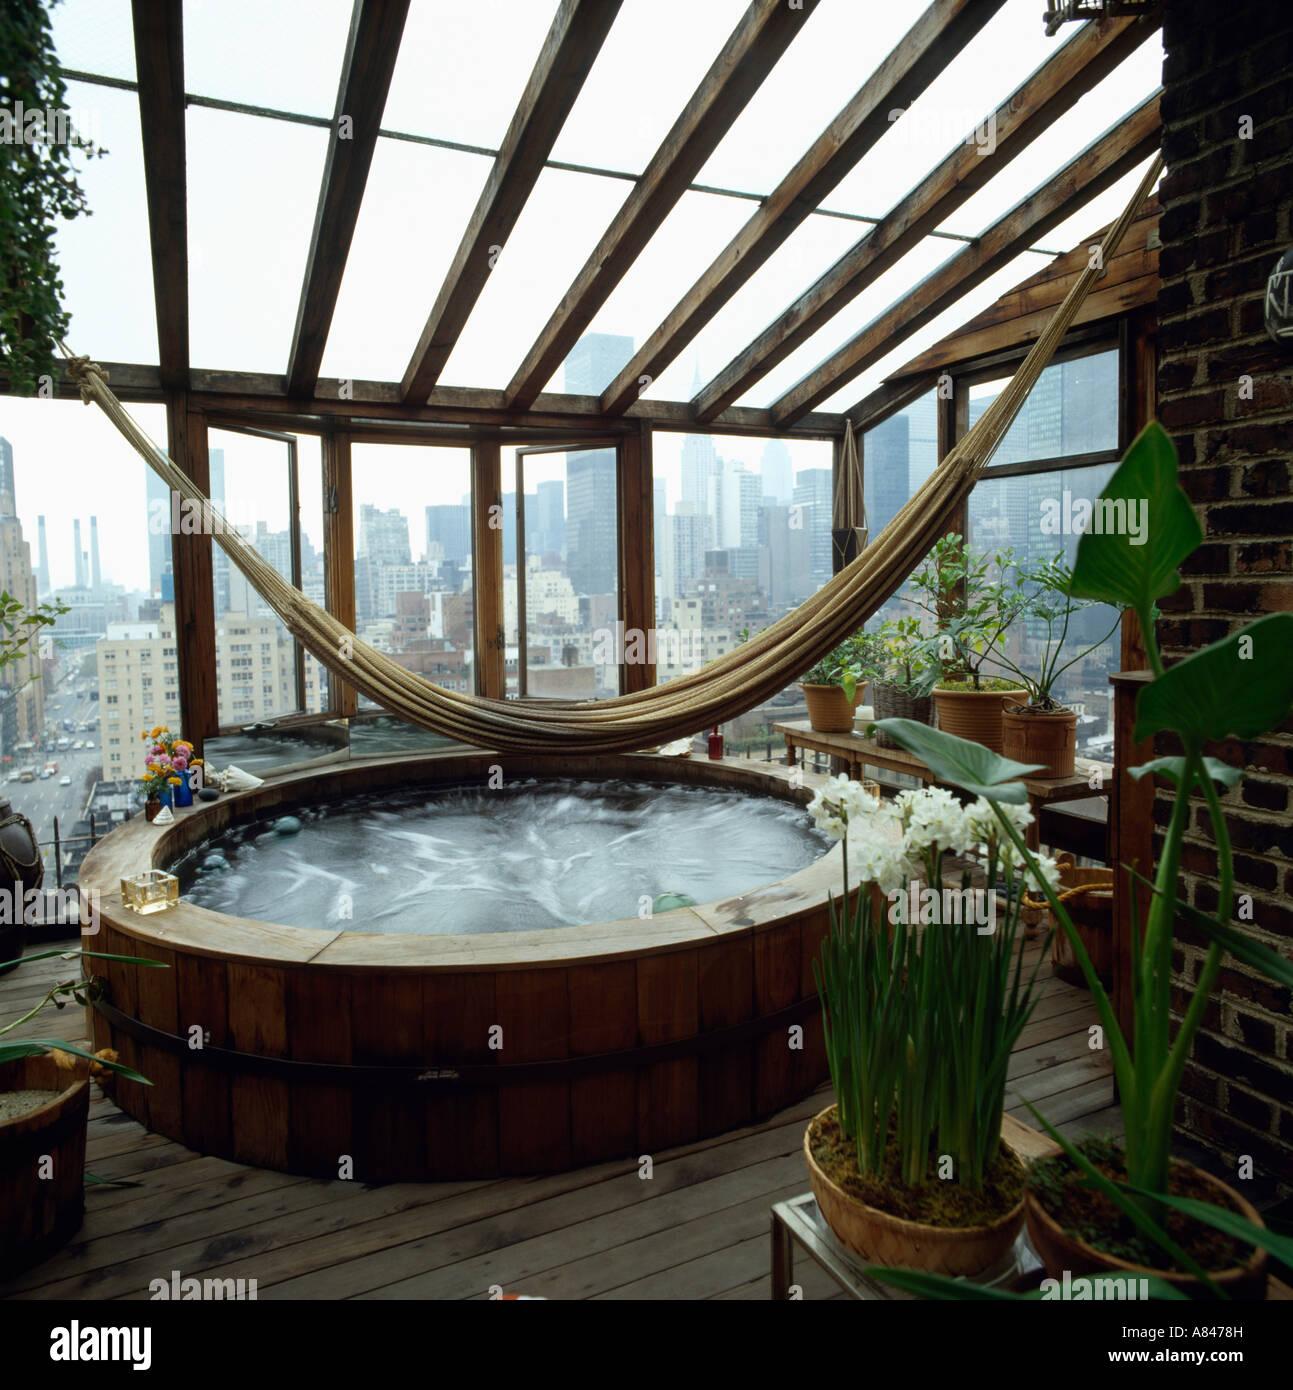 h ngematte ber dem whirlpool im wintergarten anbau mit blick auf new york durch windows. Black Bedroom Furniture Sets. Home Design Ideas